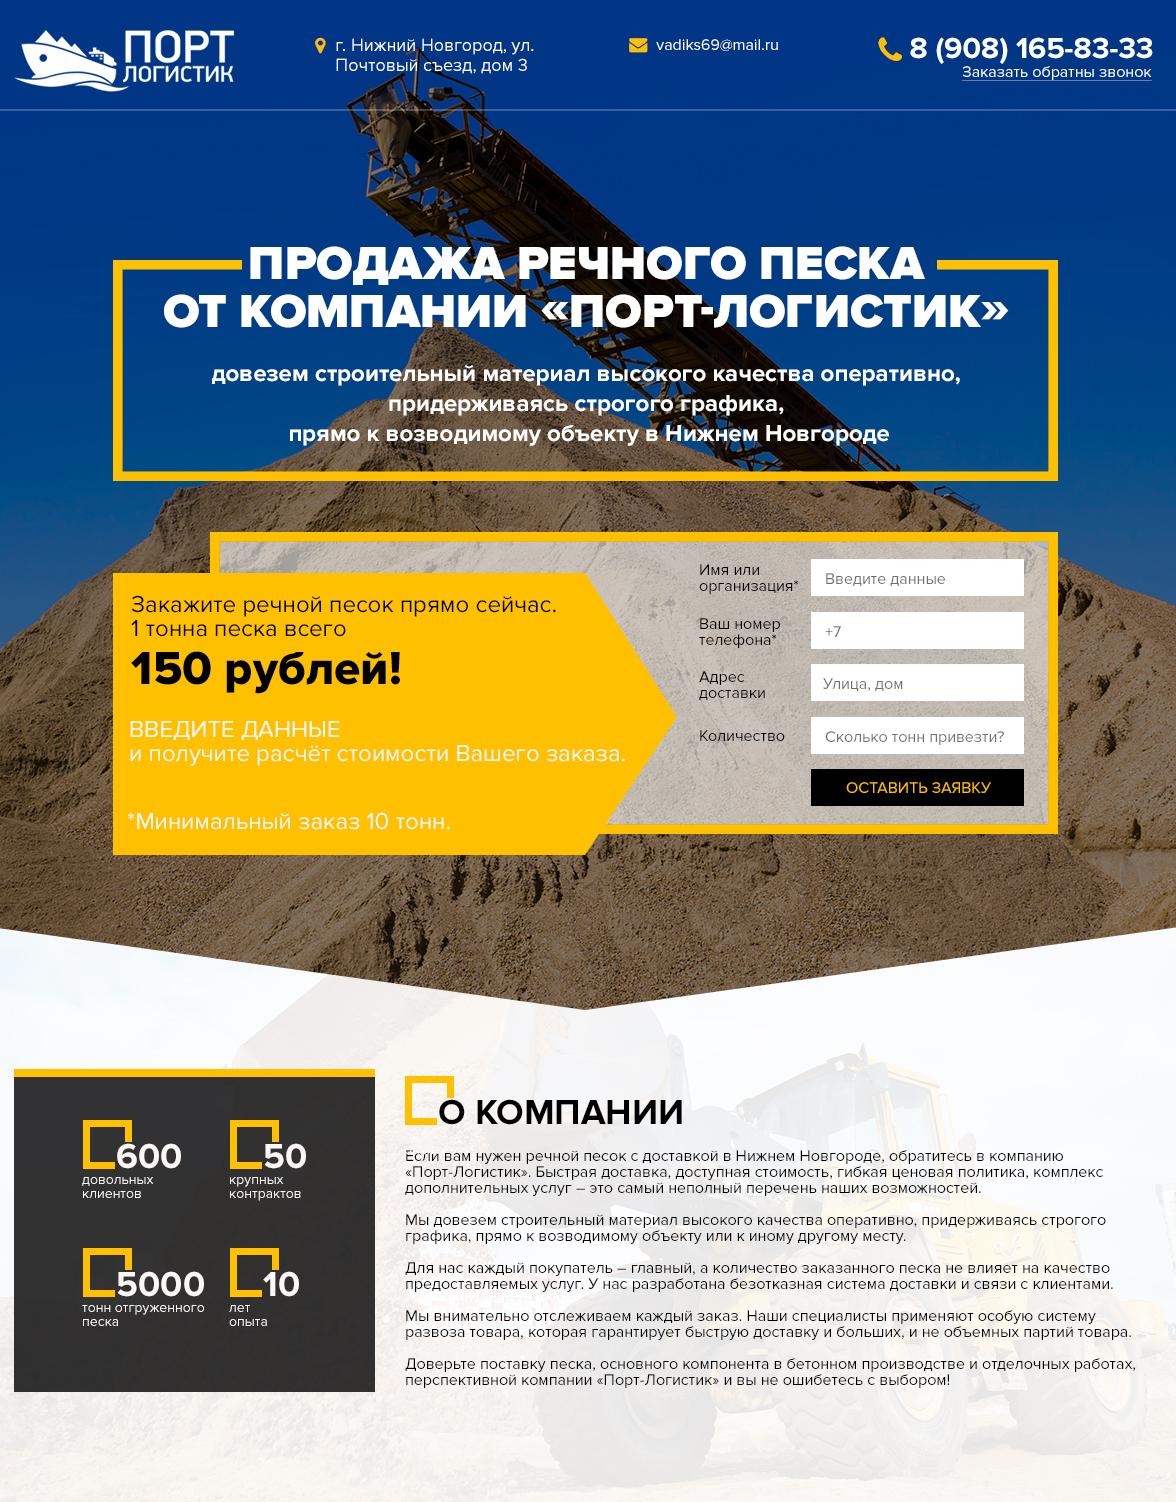 Концепция дизайна сайта для компании ПОРТ логистик